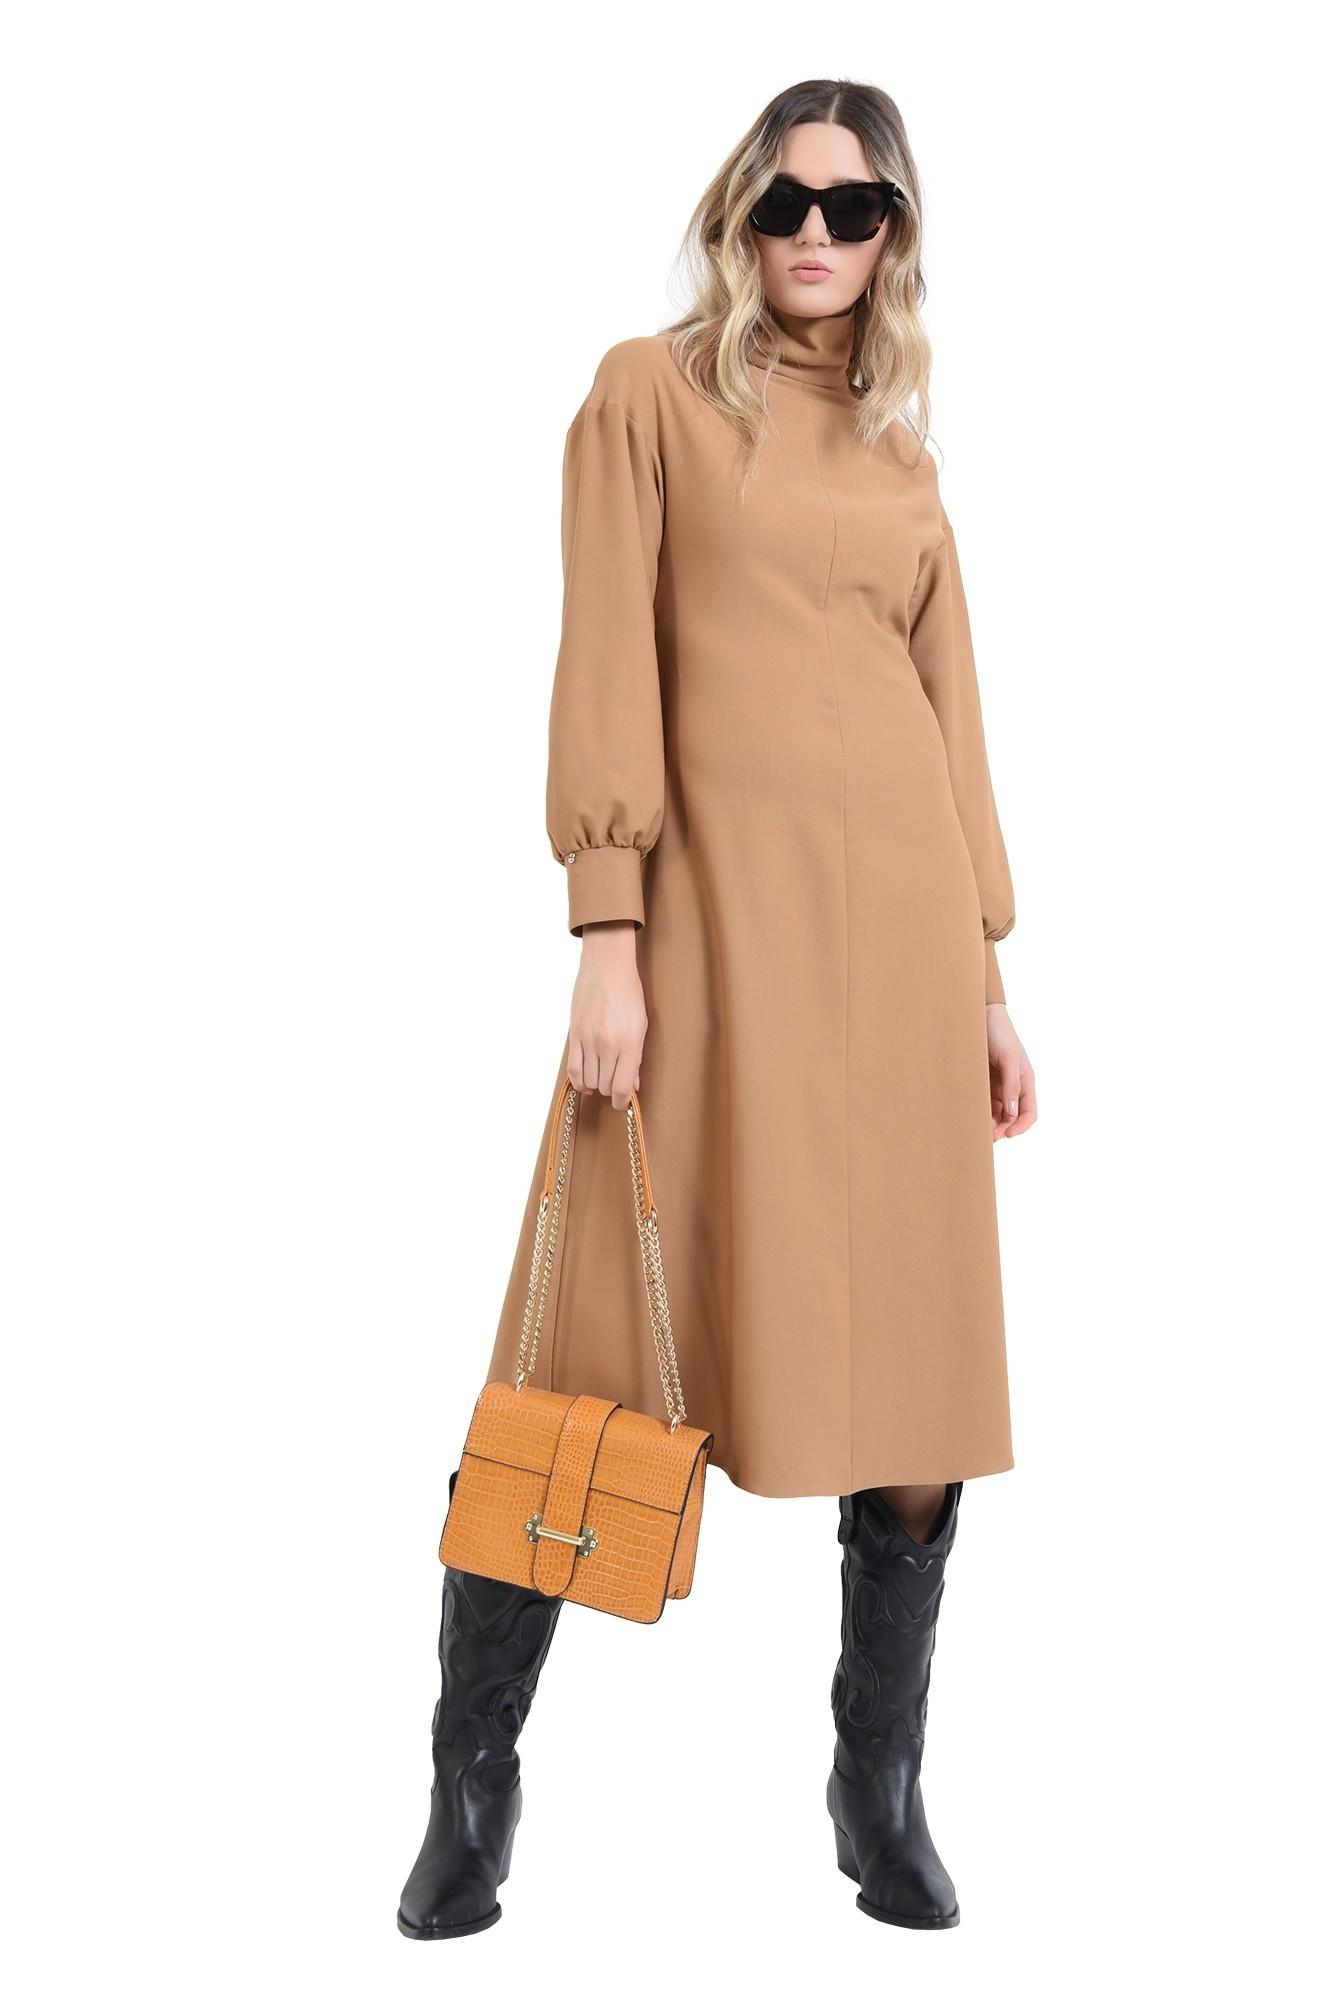 3 - rochie midi, camel, cu guler inalt